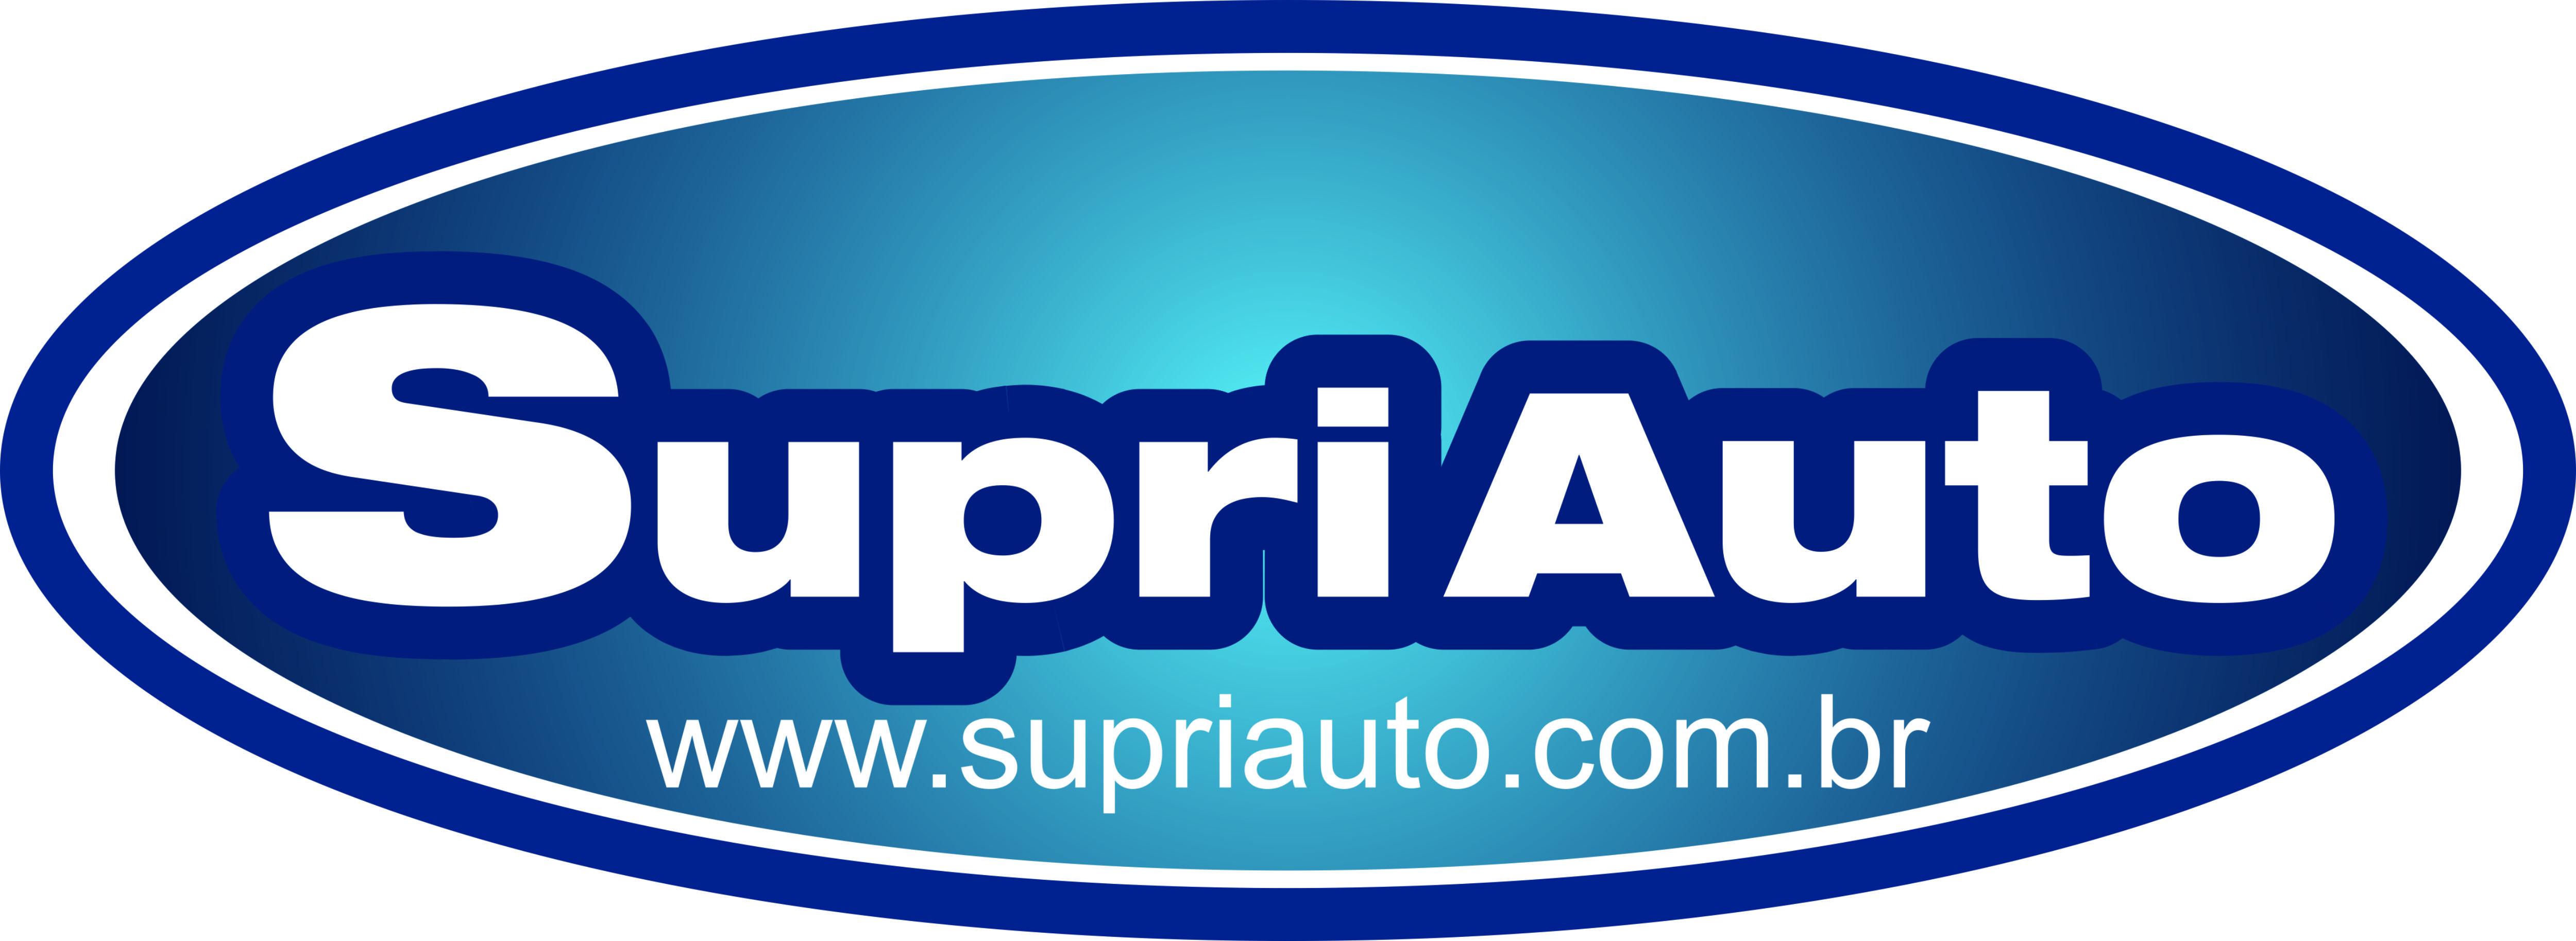 Logo_Supriauto_alta